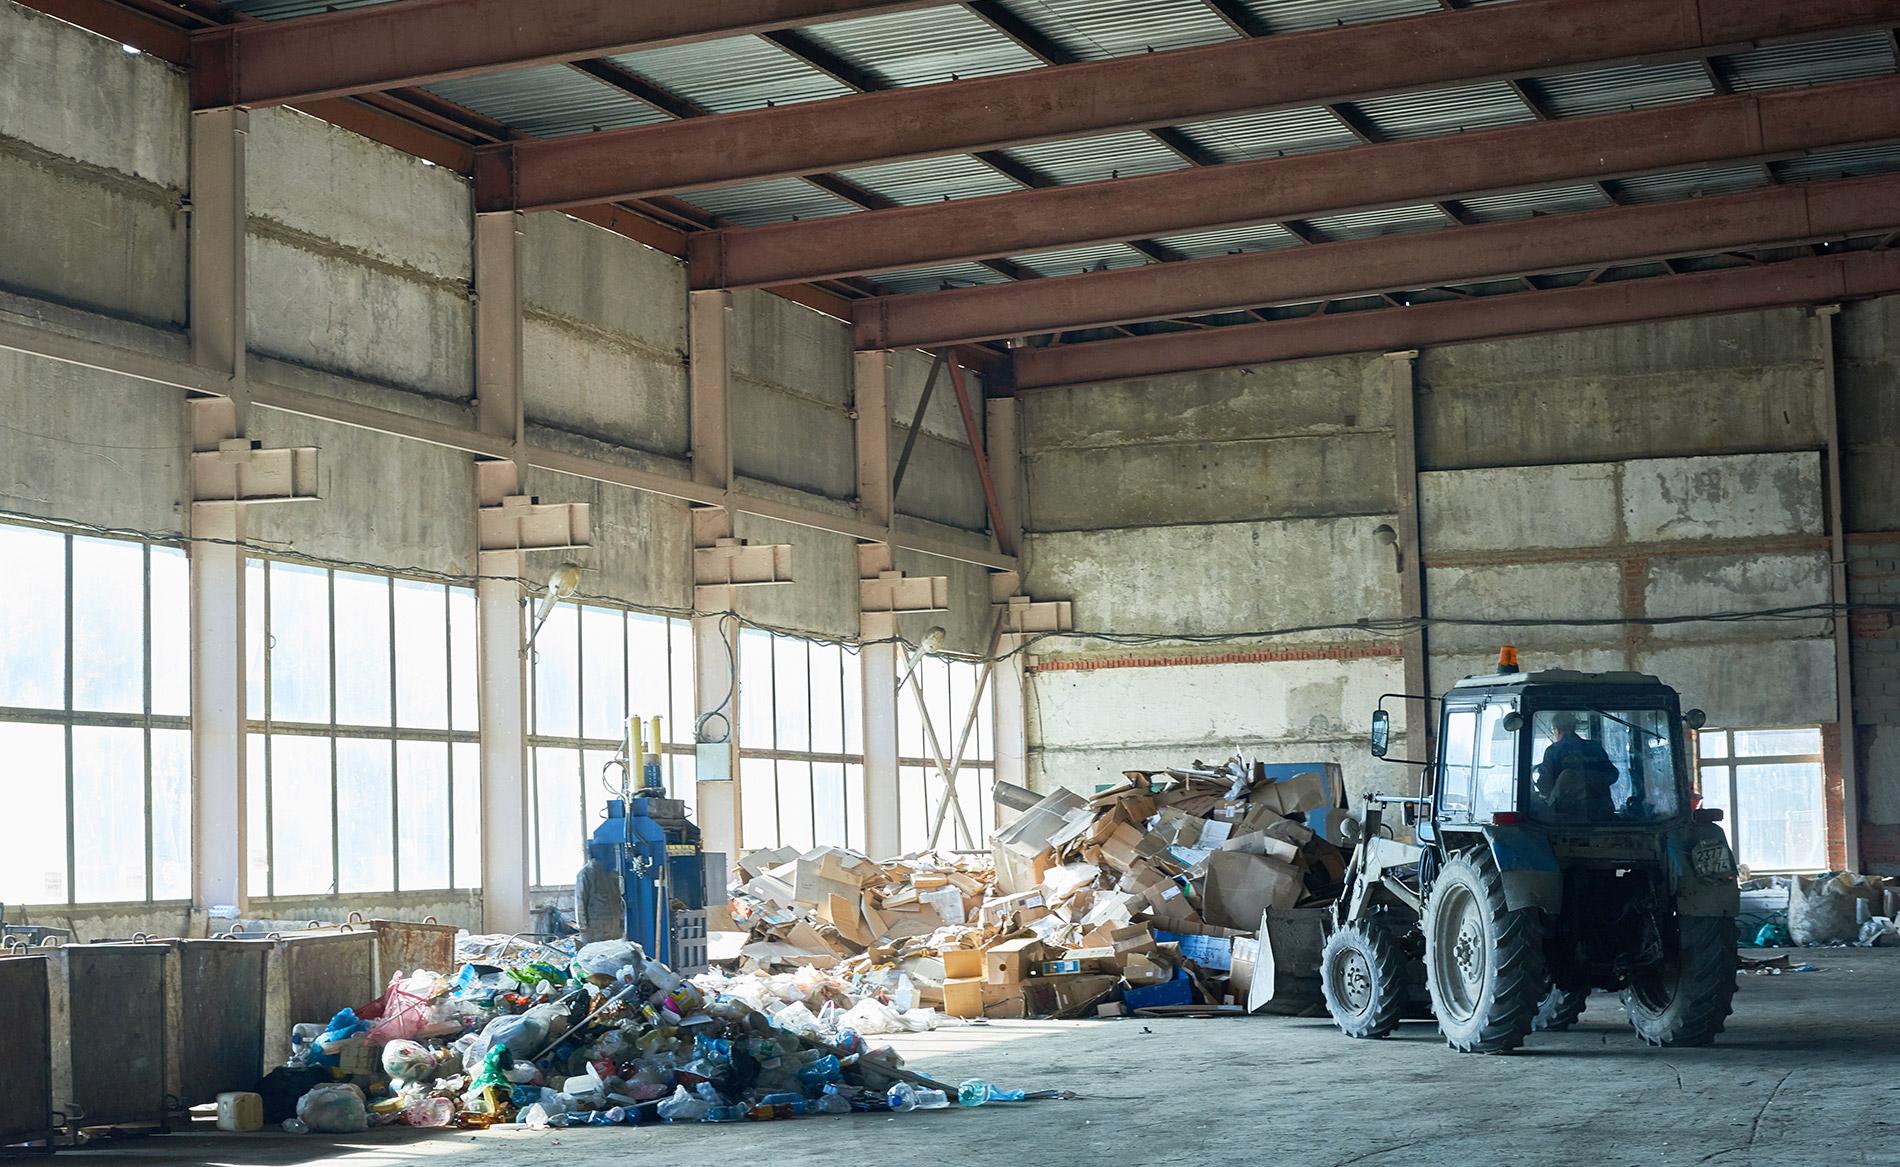 Curso Gestión Residuos Industriales Online Gratis